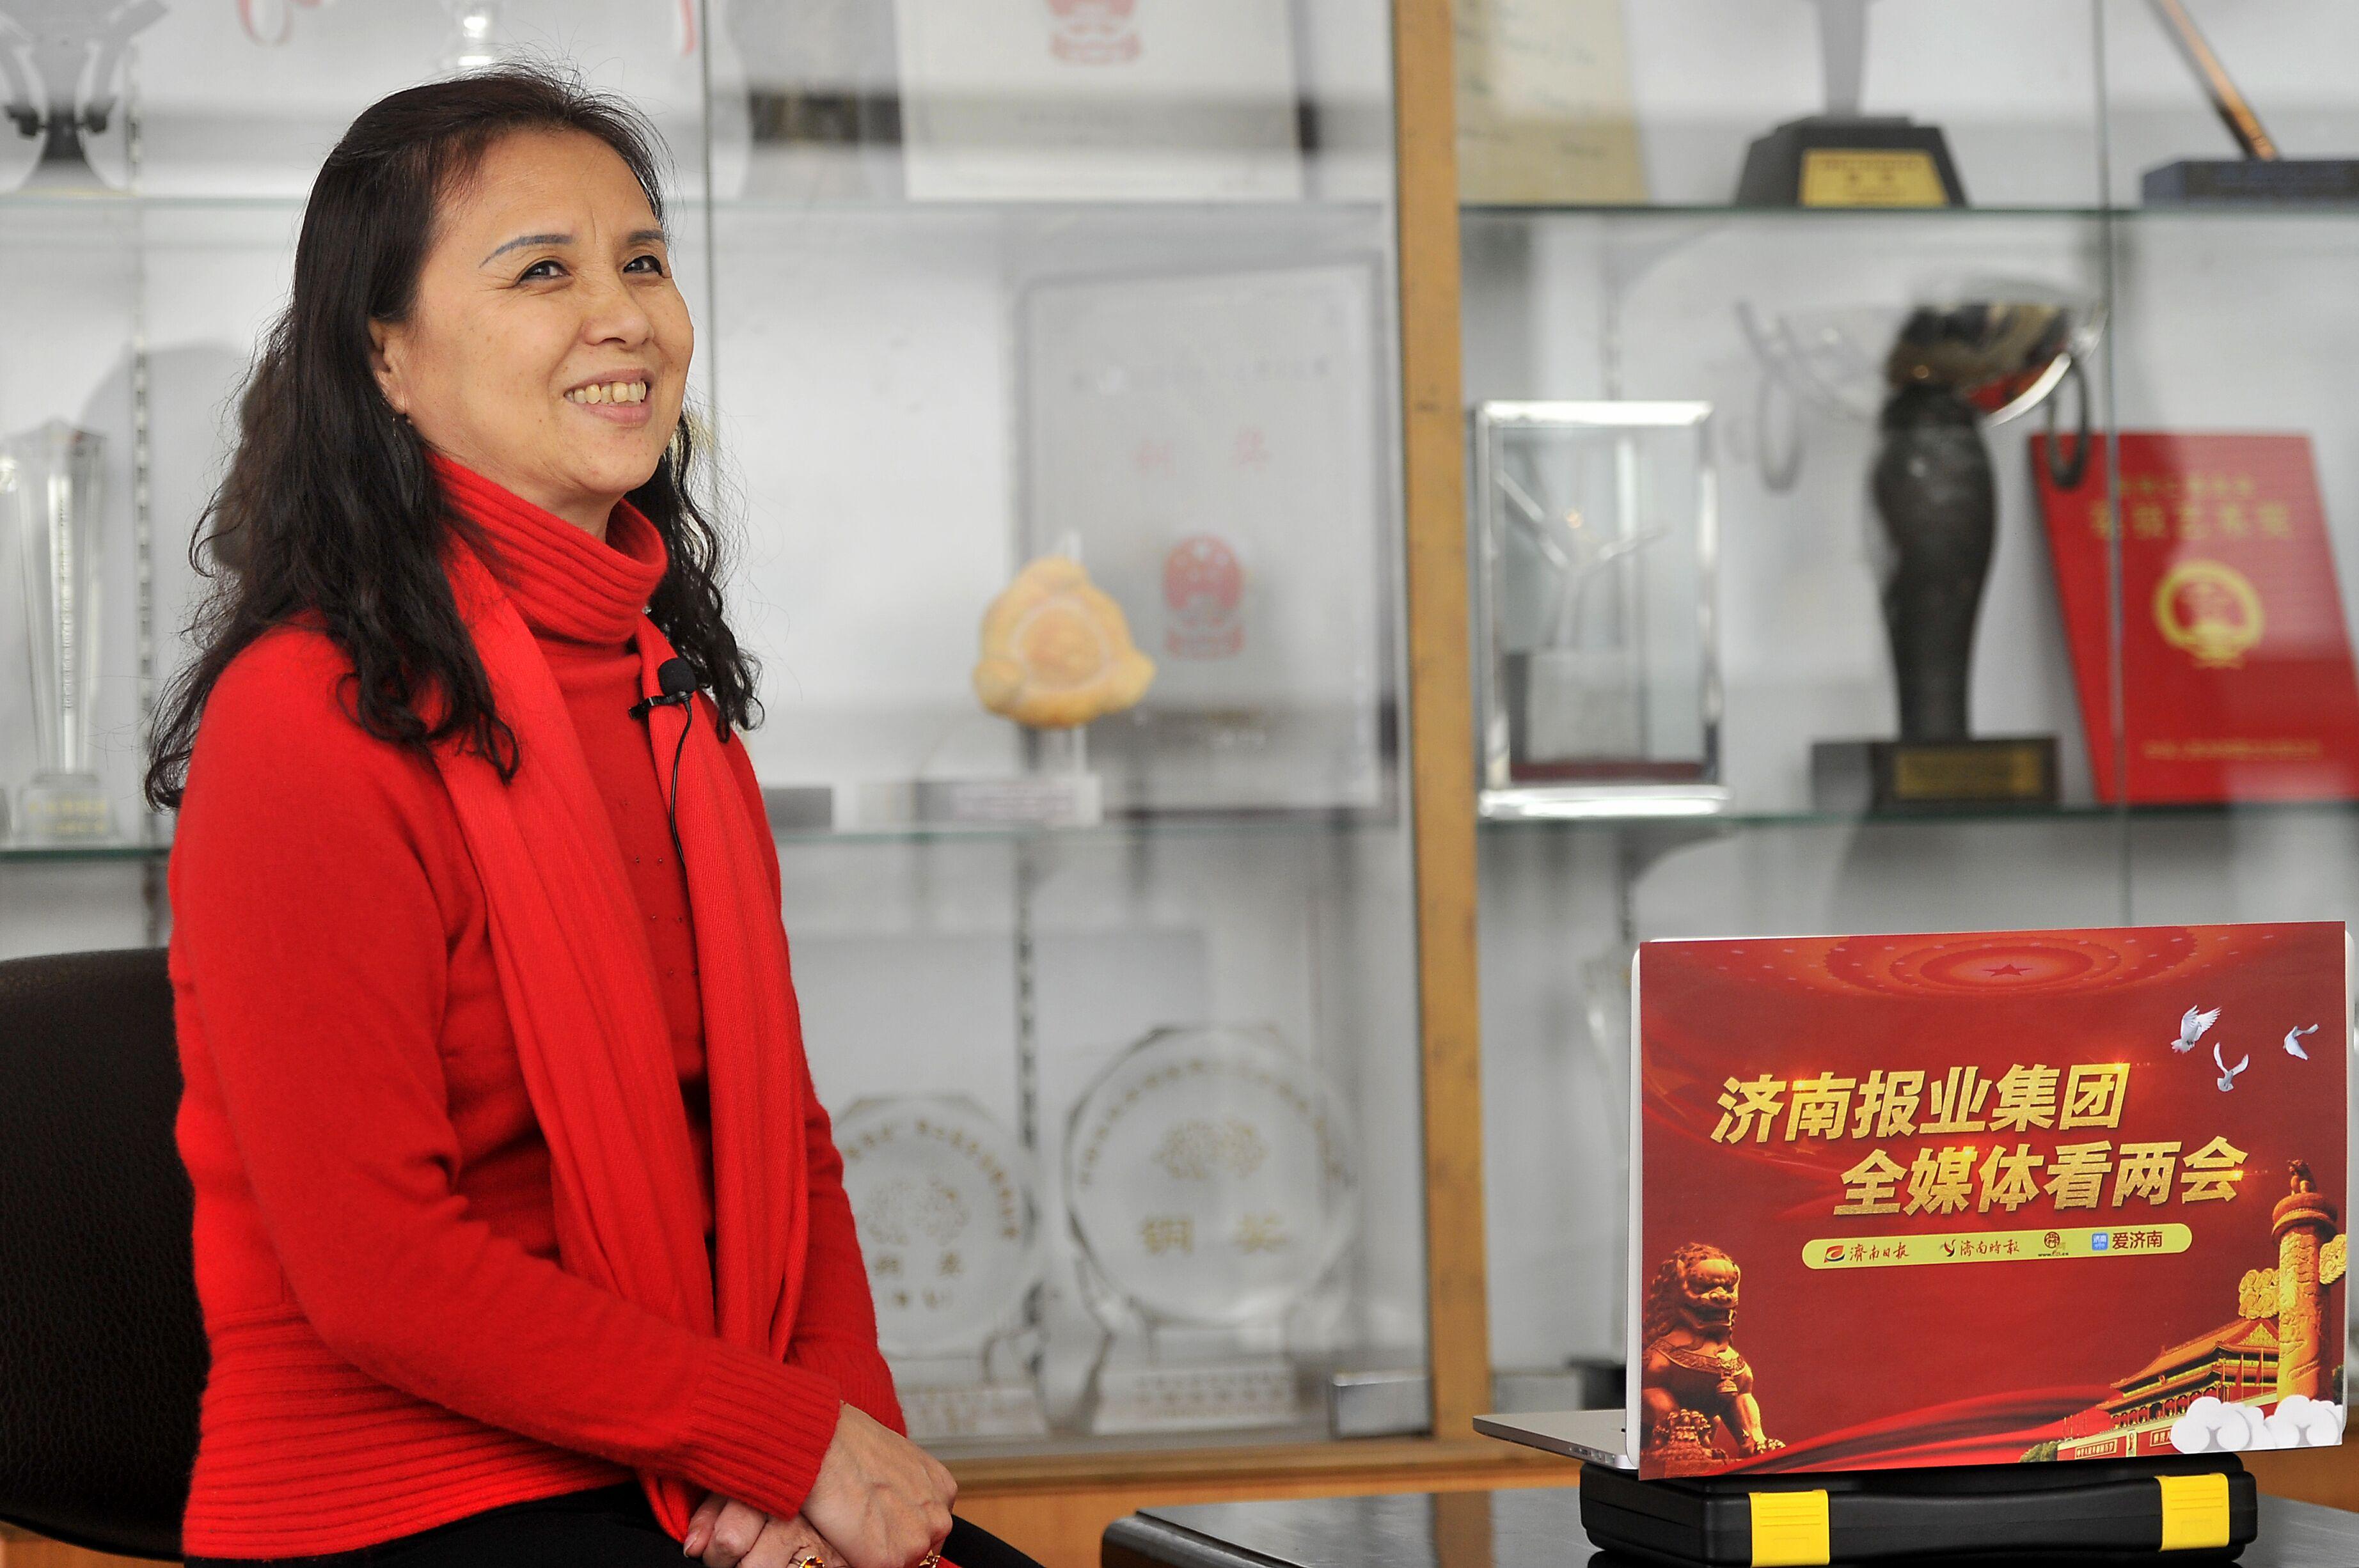 三届全国人大代表邓宝金讲述15年履职记忆